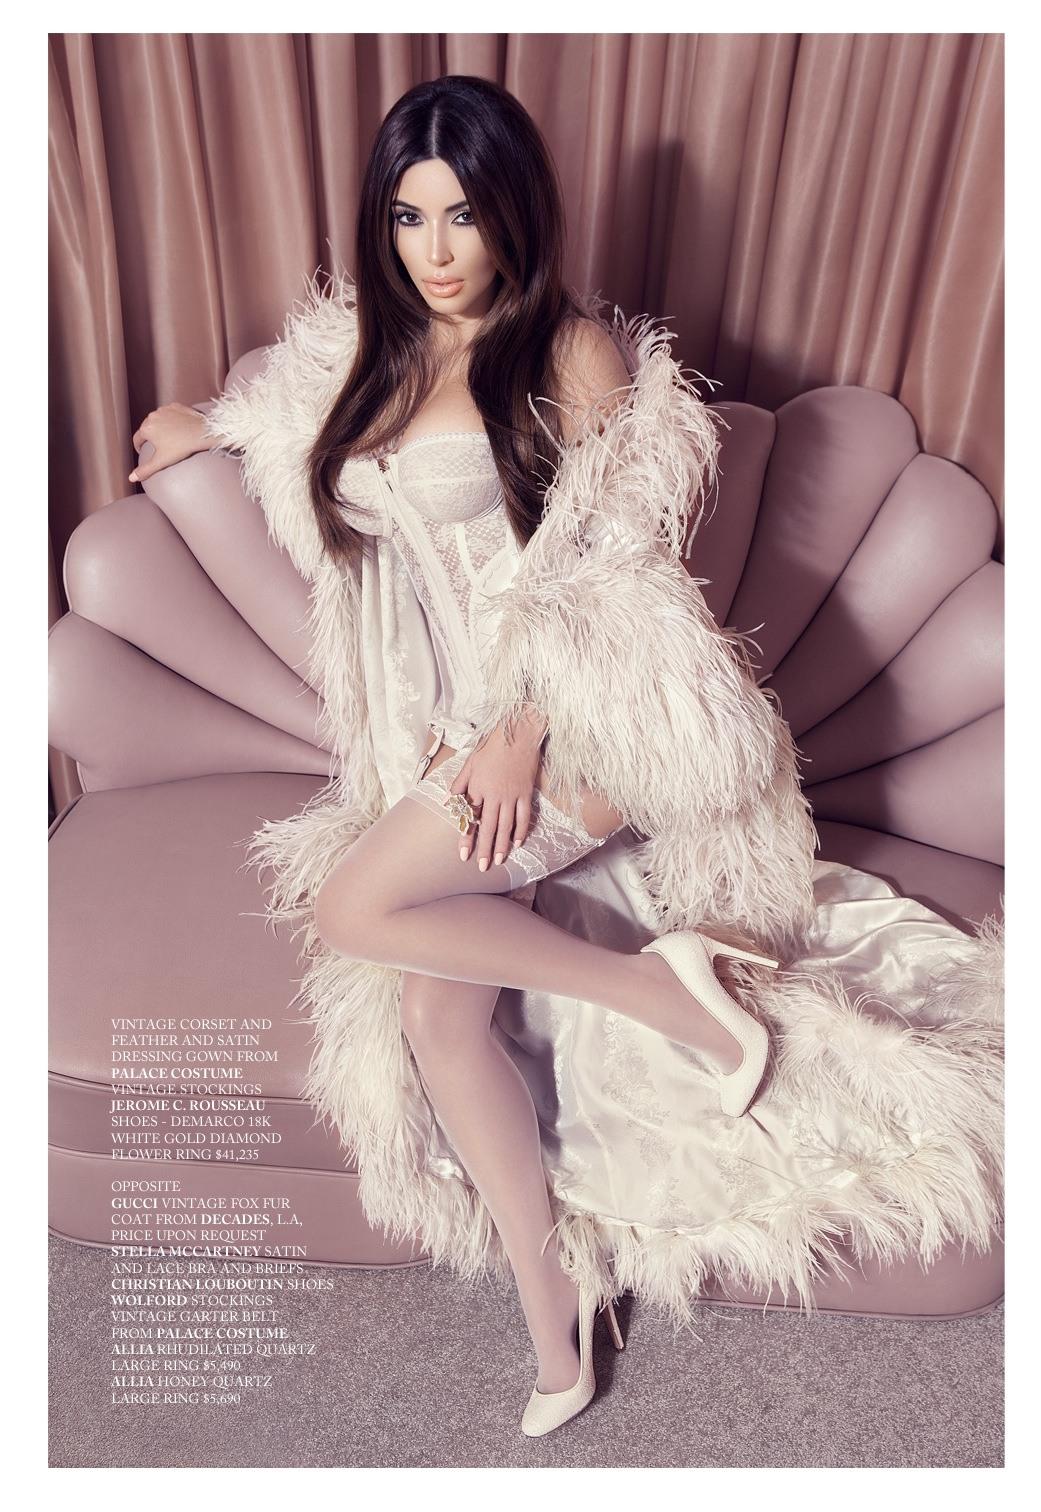 http://3.bp.blogspot.com/-i_Ycy8kumHU/UMc4JHDI6cI/AAAAAAAAKAM/uuNhhLYPEcs/s1600/Kim+Kardashian+photoshoot+for+factice+magazine+2012+e.jpg